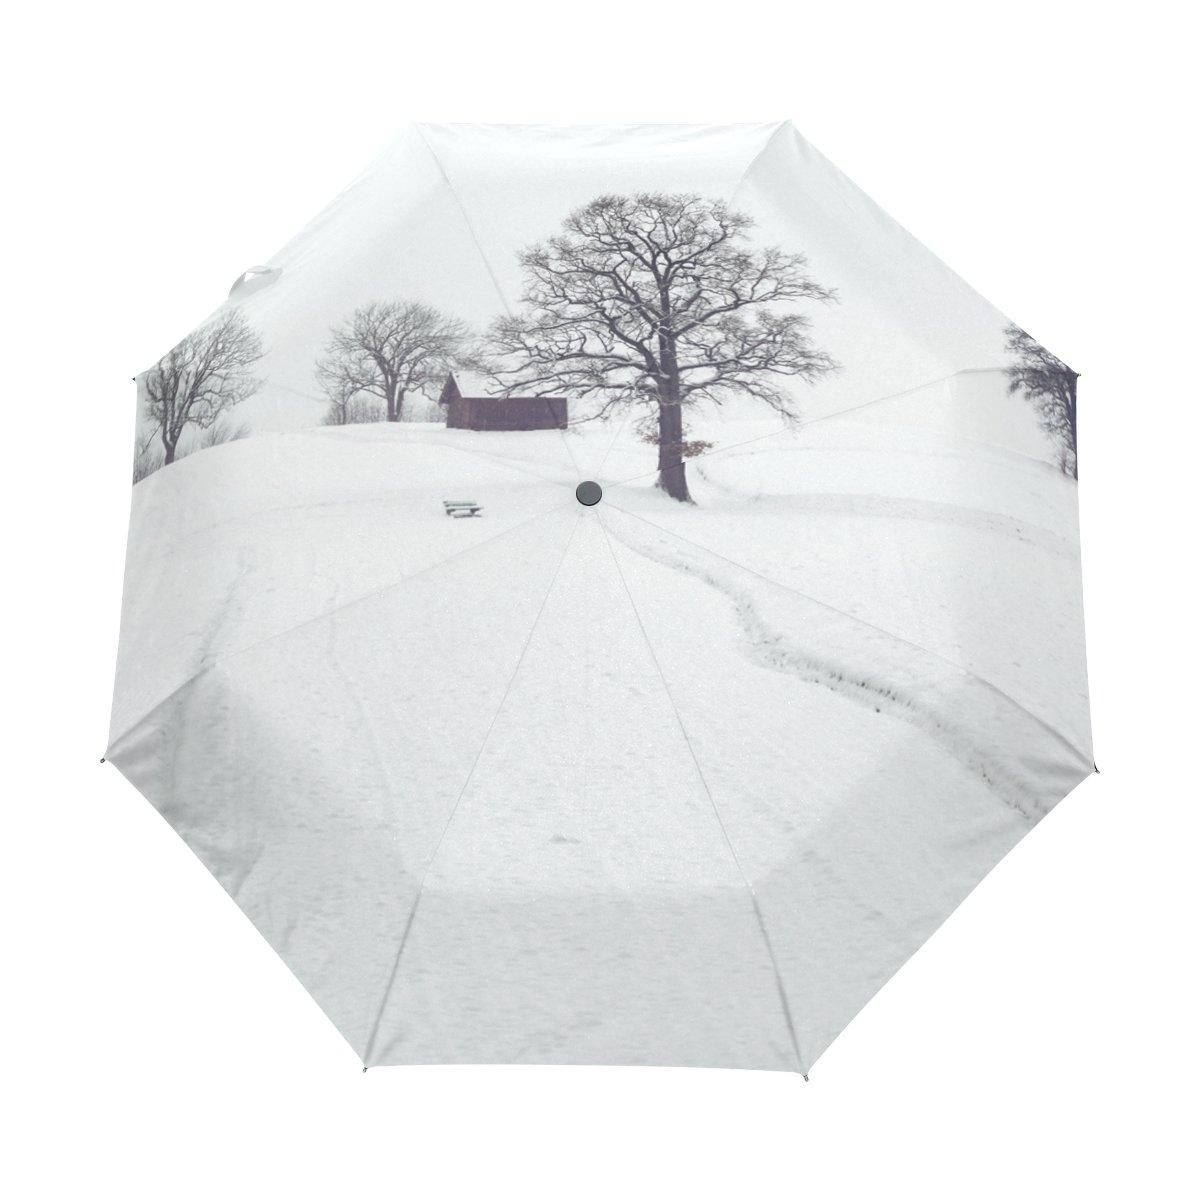 太陽と雨コンパクトトラベル傘防風UV保護軽量ポータブルアウトドア折りたたみゴルフ傘Auto Open Close Folding Umbrellas外部雪ツリー   B07B2QDJG3